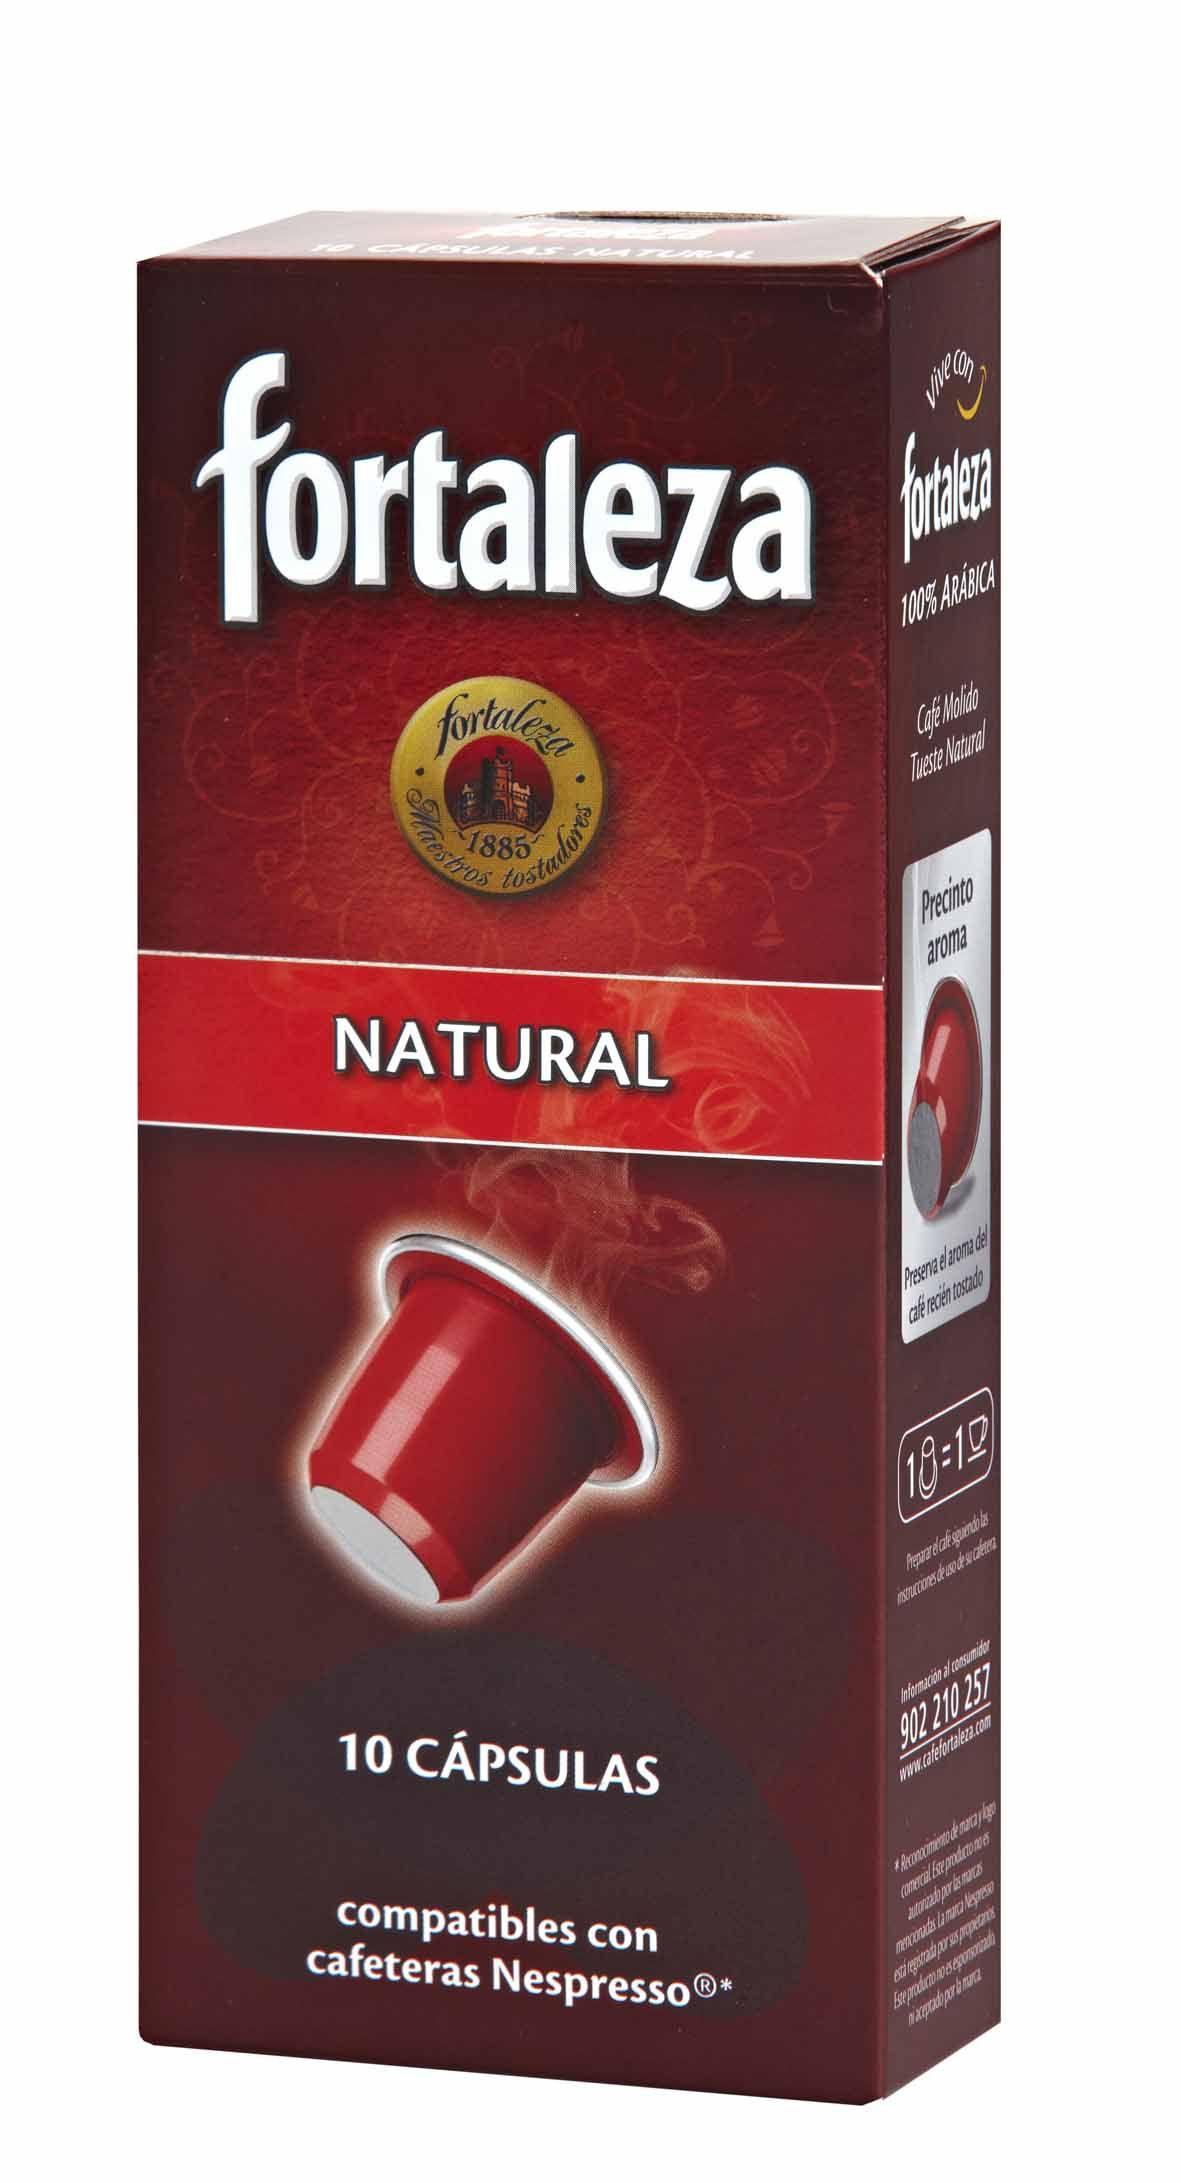 Las cápsulas de Café Natural son 100% Arábica. Contiene un blend de Arábicas lavados de América Central y naturales del Sur de América, café de matices afrutados.